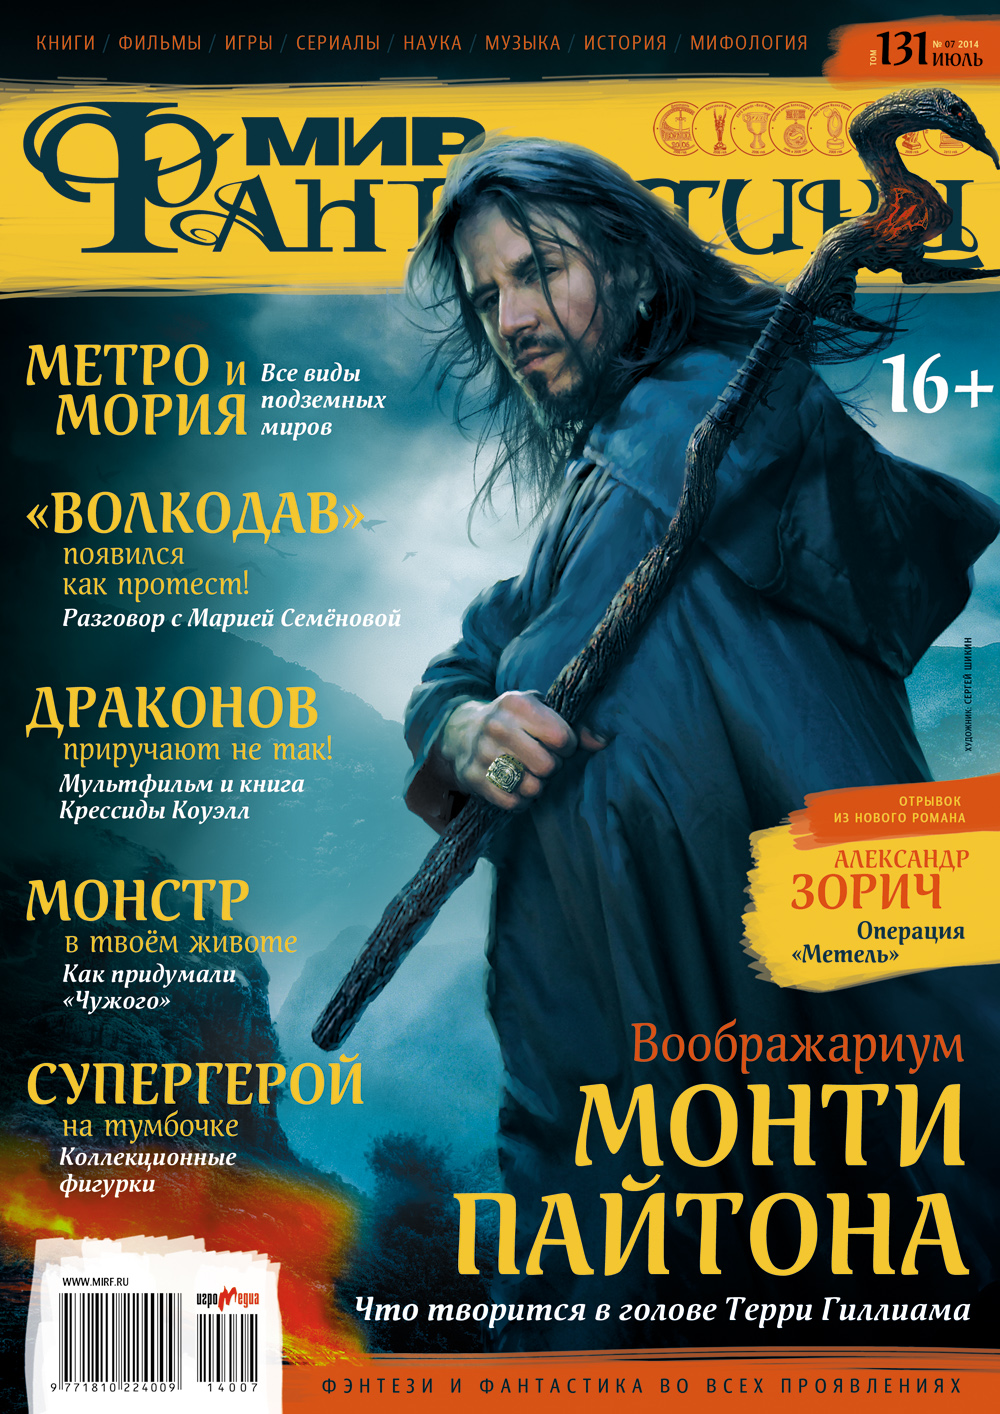 Архив номеров журнала «Мир фантастики» 135